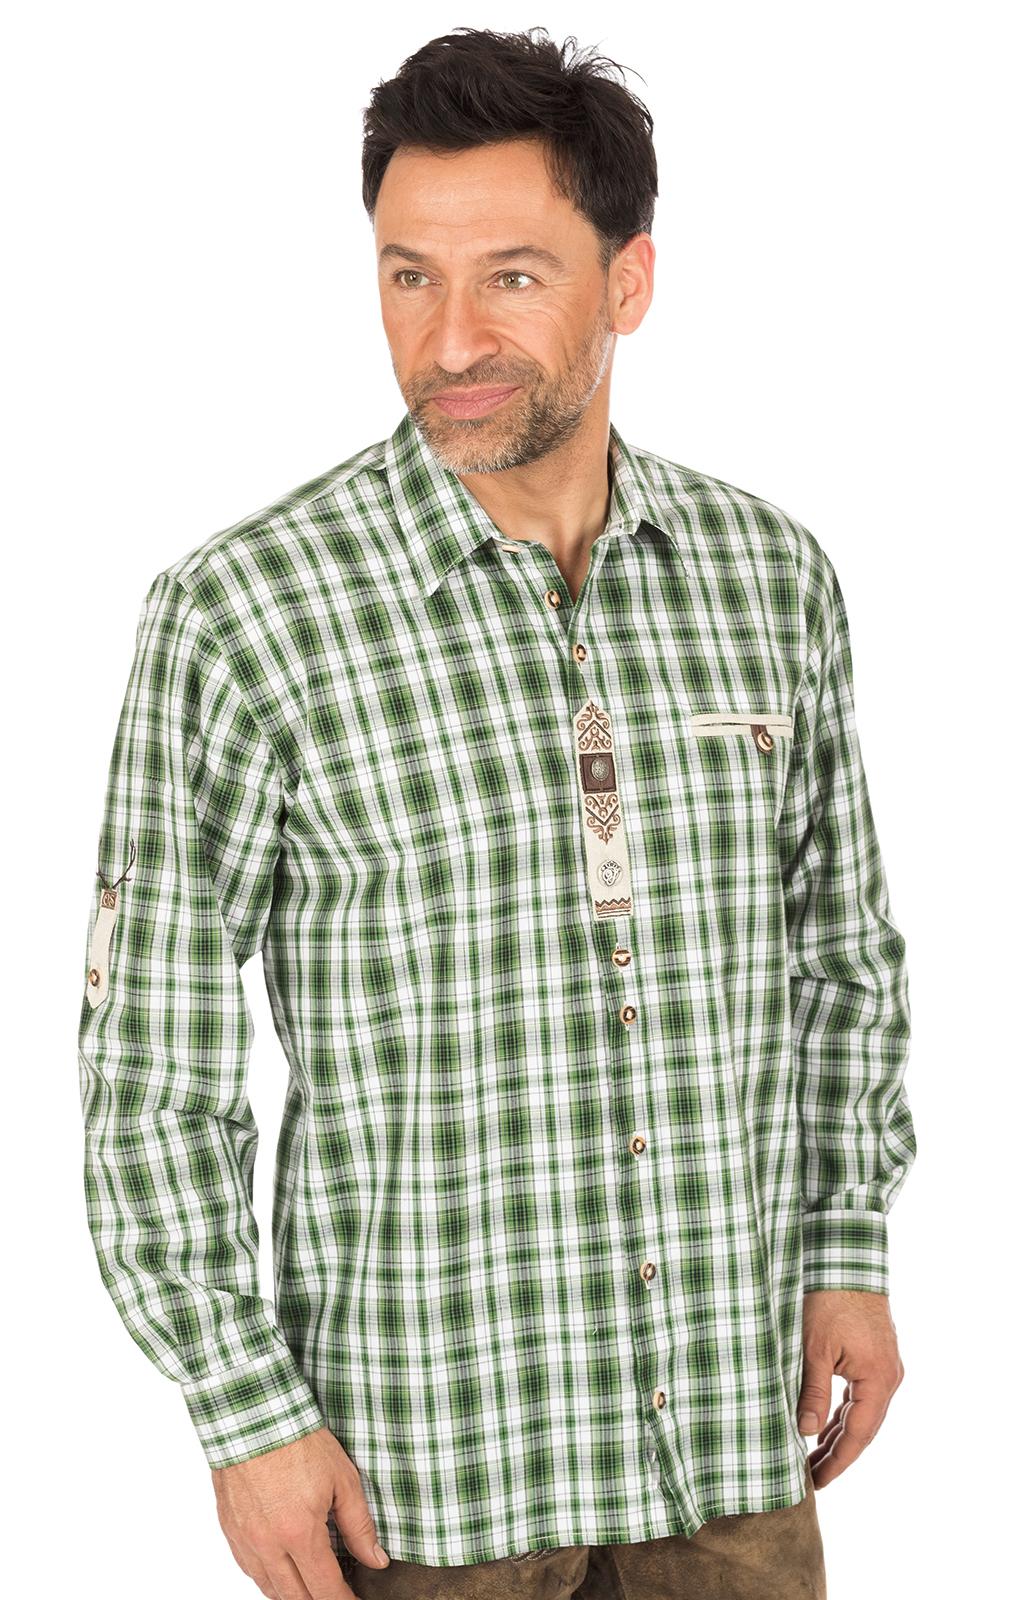 Trachtenkarohemd FLORIAN grün von OS-Trachten